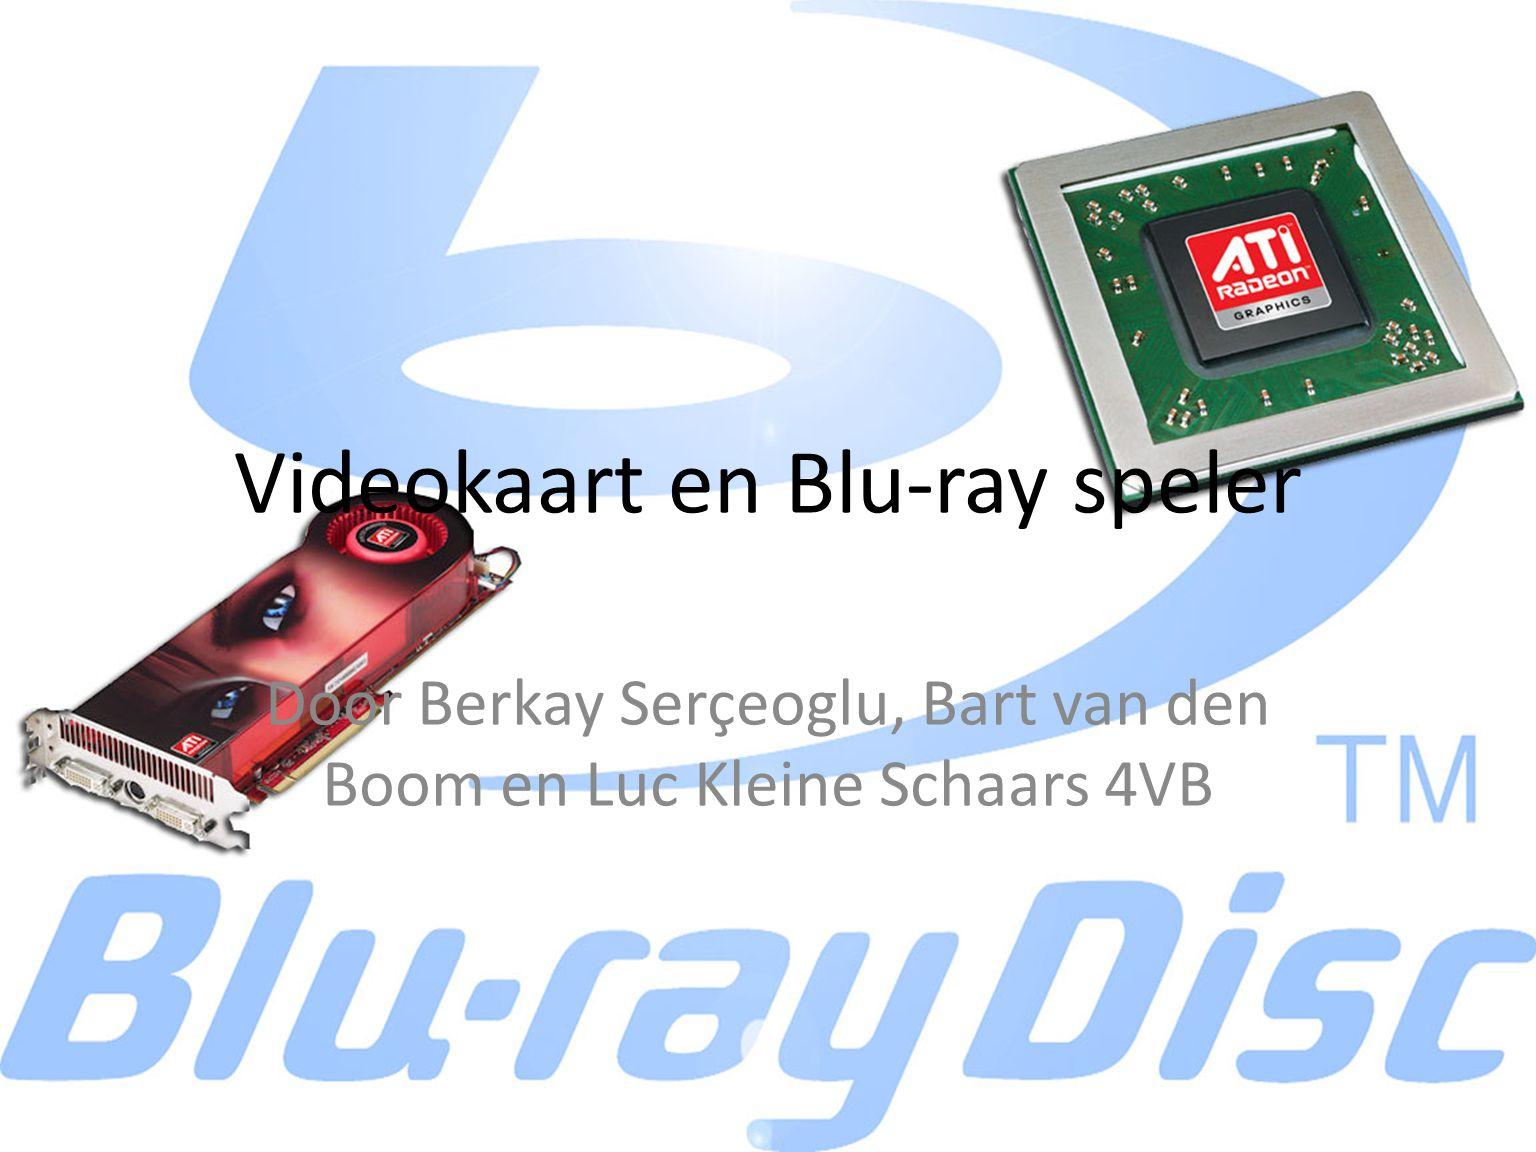 Videokaart en Blu-ray speler